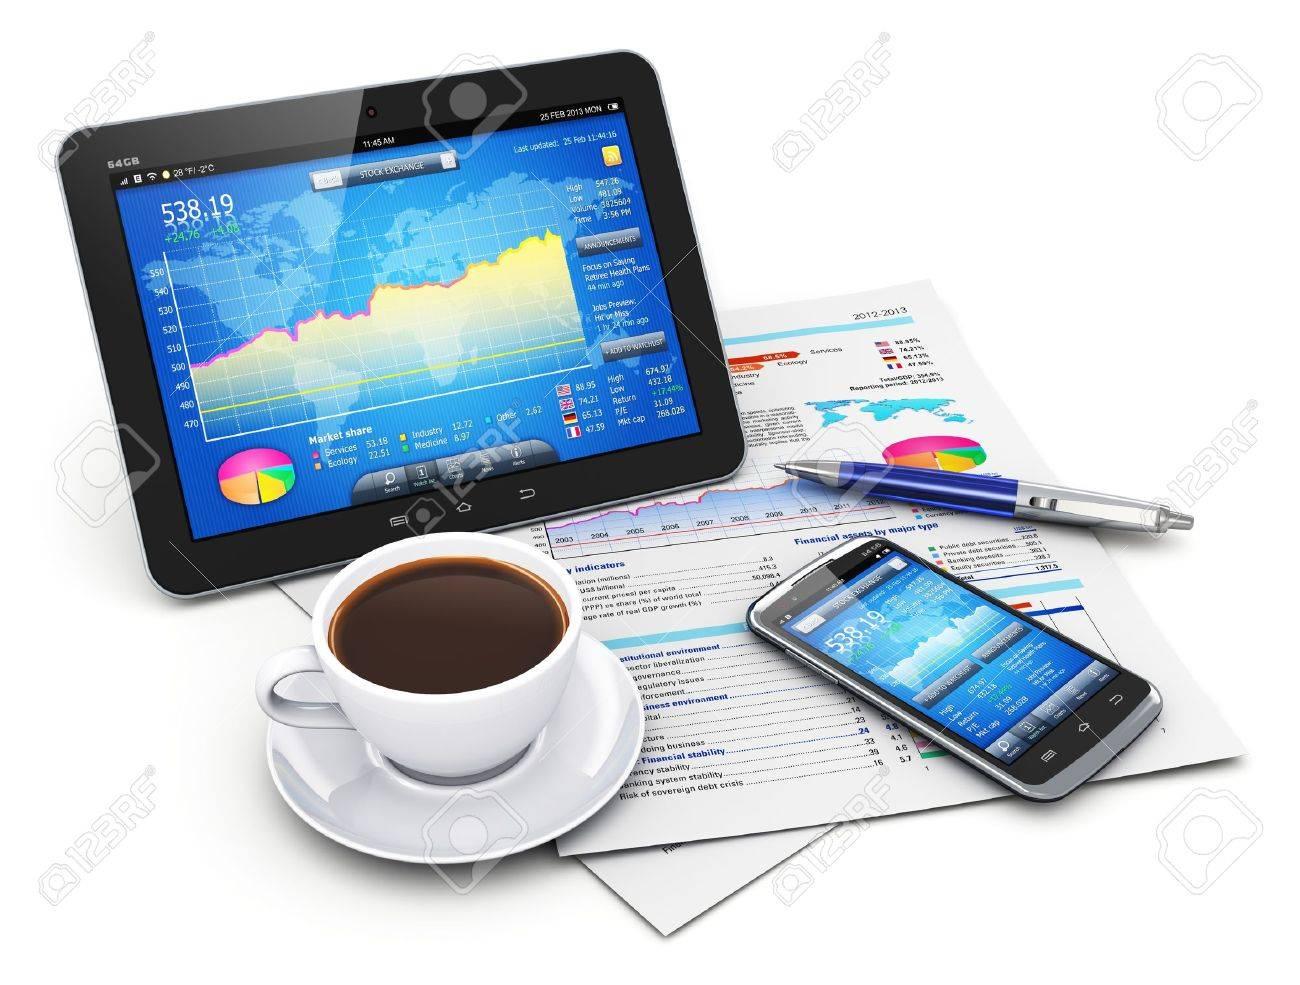 Ufficio In Mobilità : Mobilità ufficio affari lavoro di ufficio e finanza concetto di